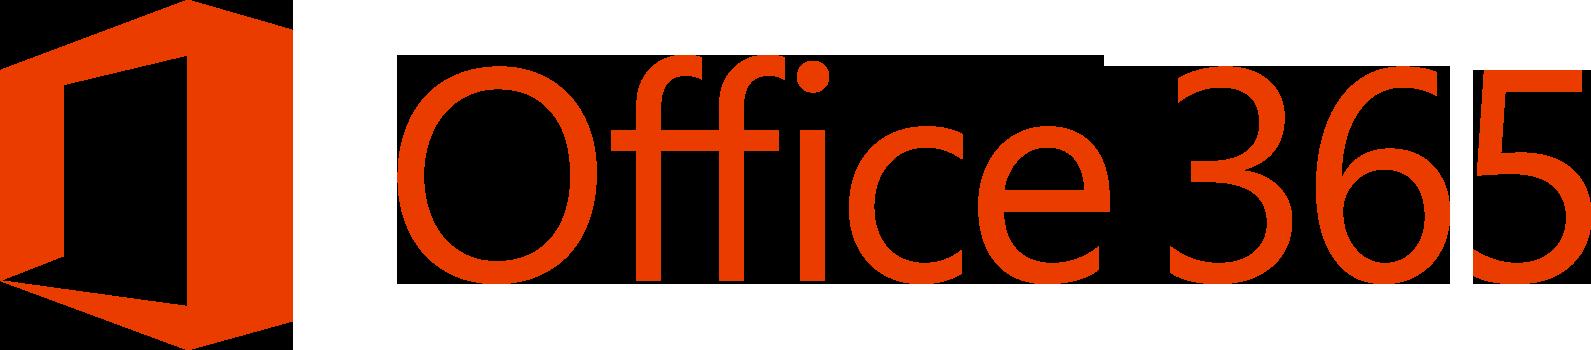 Office 365 będzie sprzedawany razem z prądem